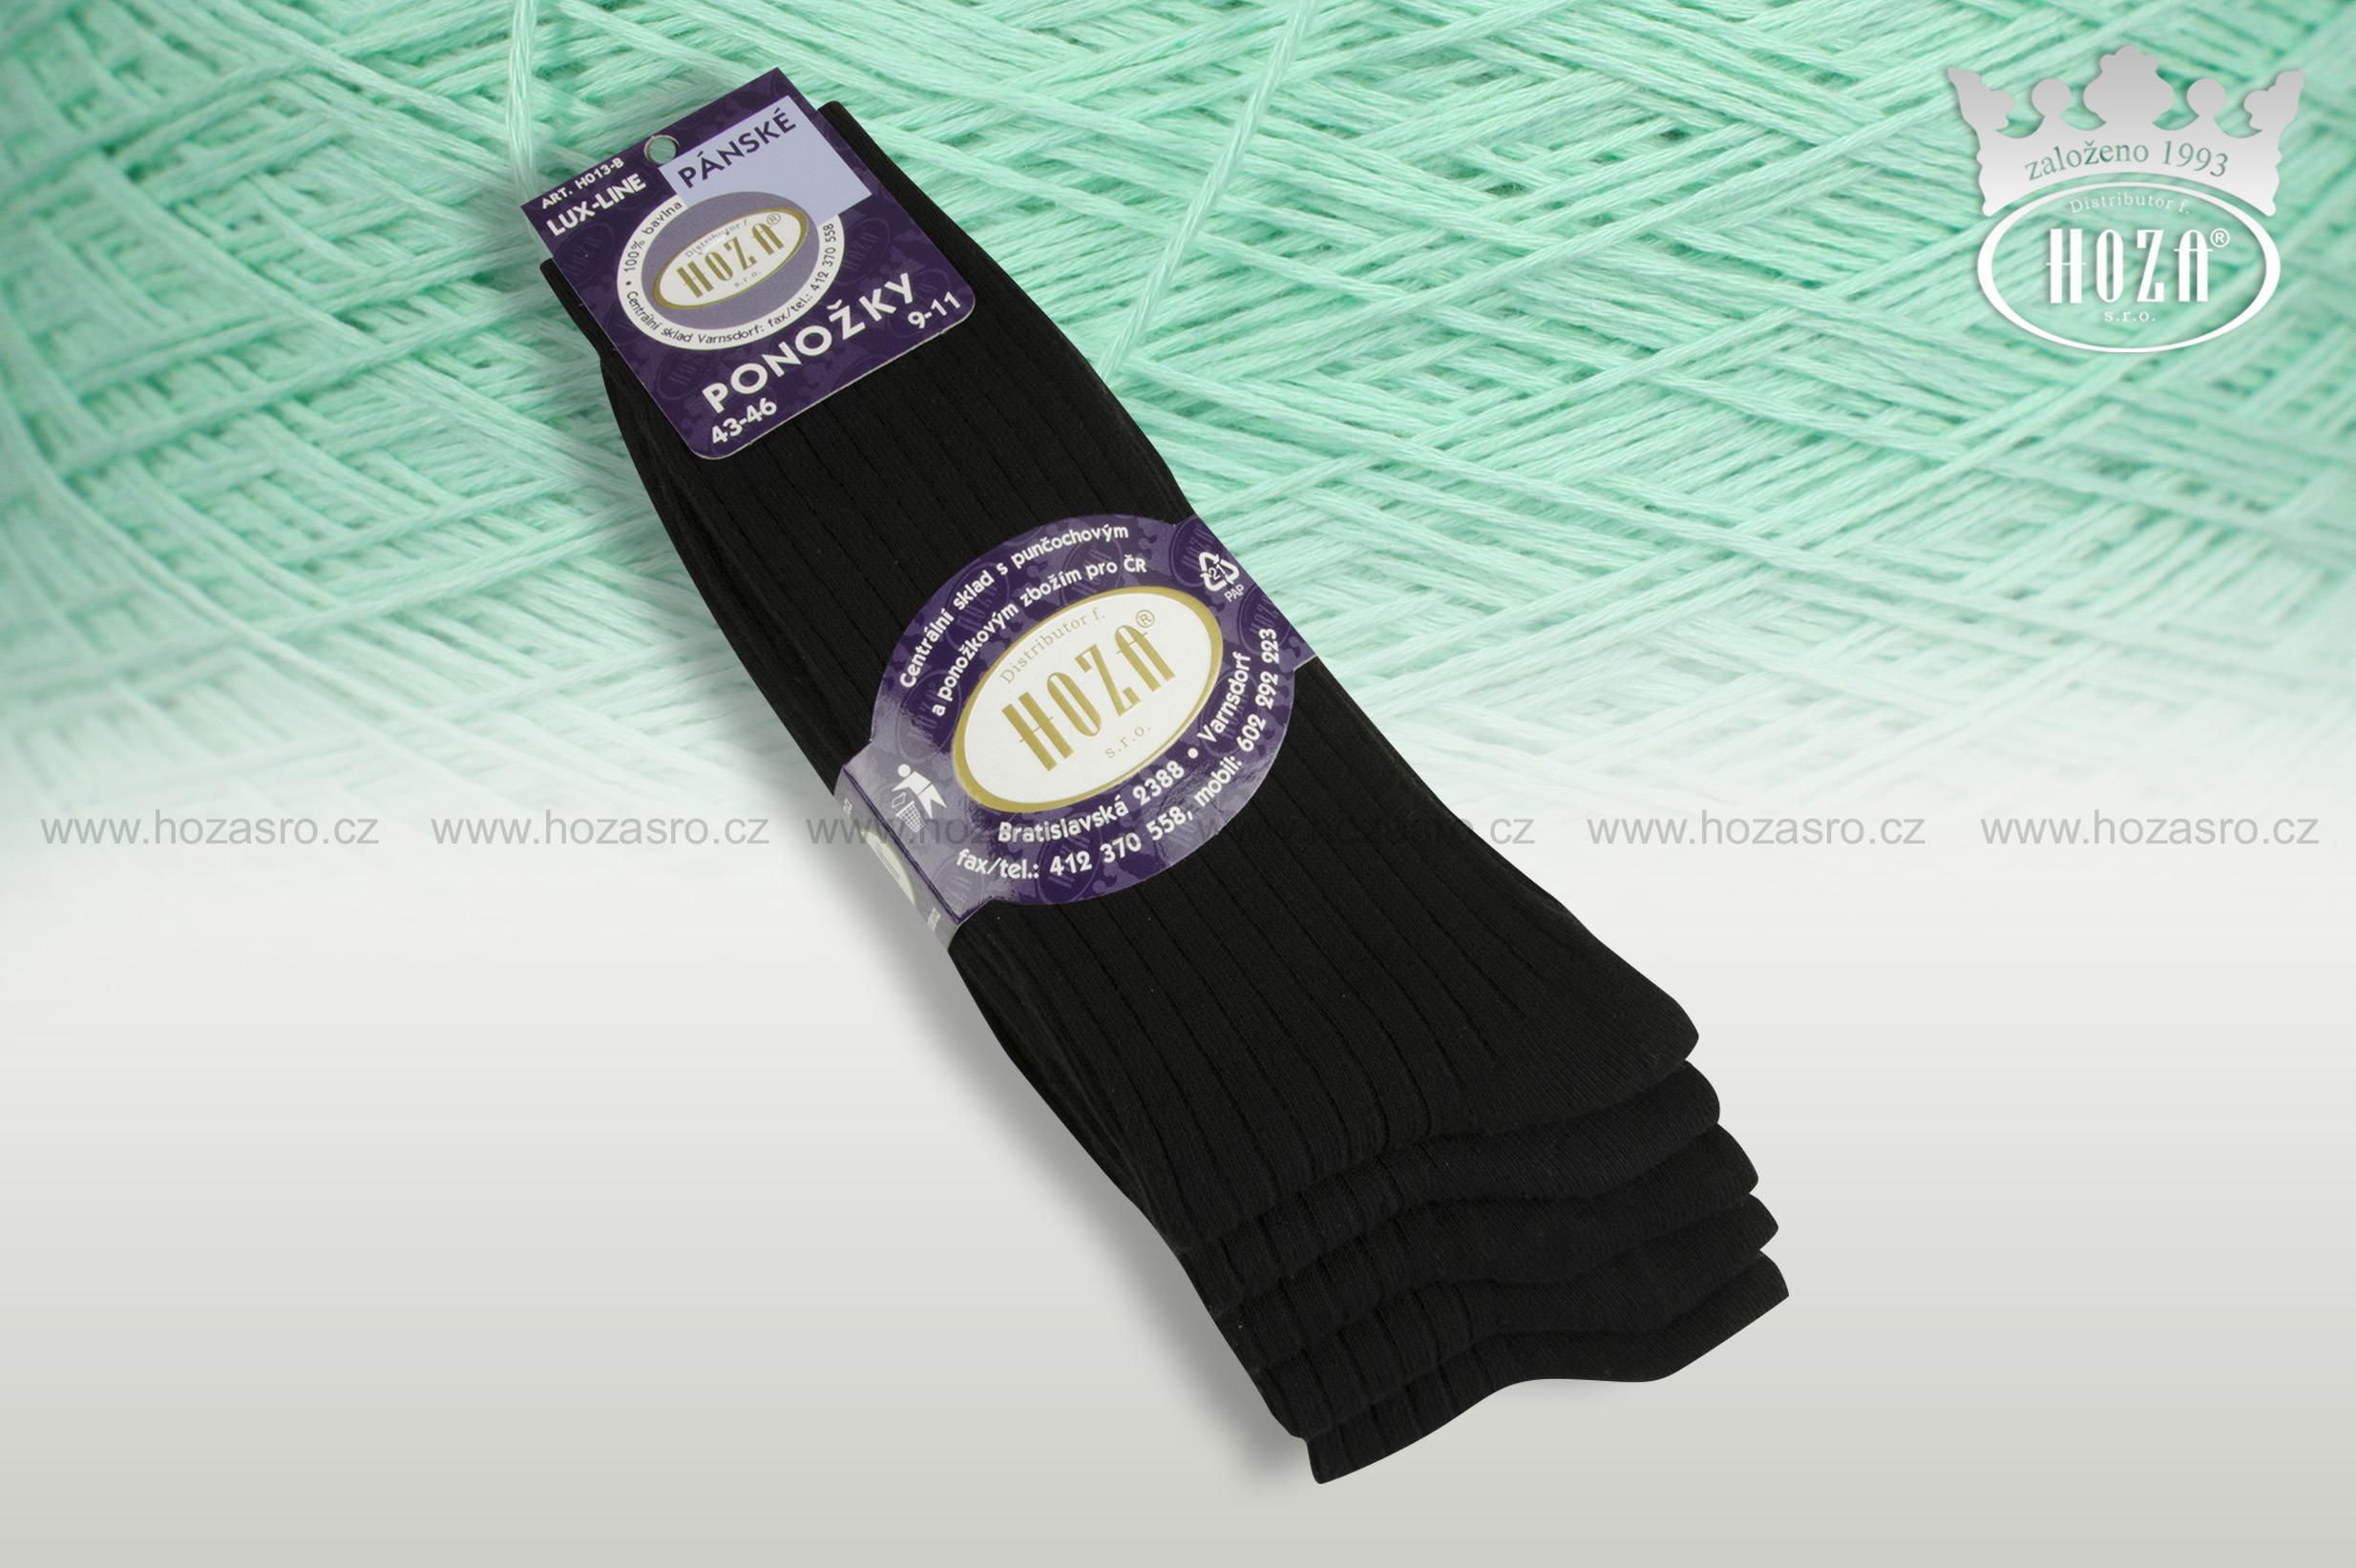 Pánské ponožky žebrované 5/2, 100% bavlna - černé mix - H013-B